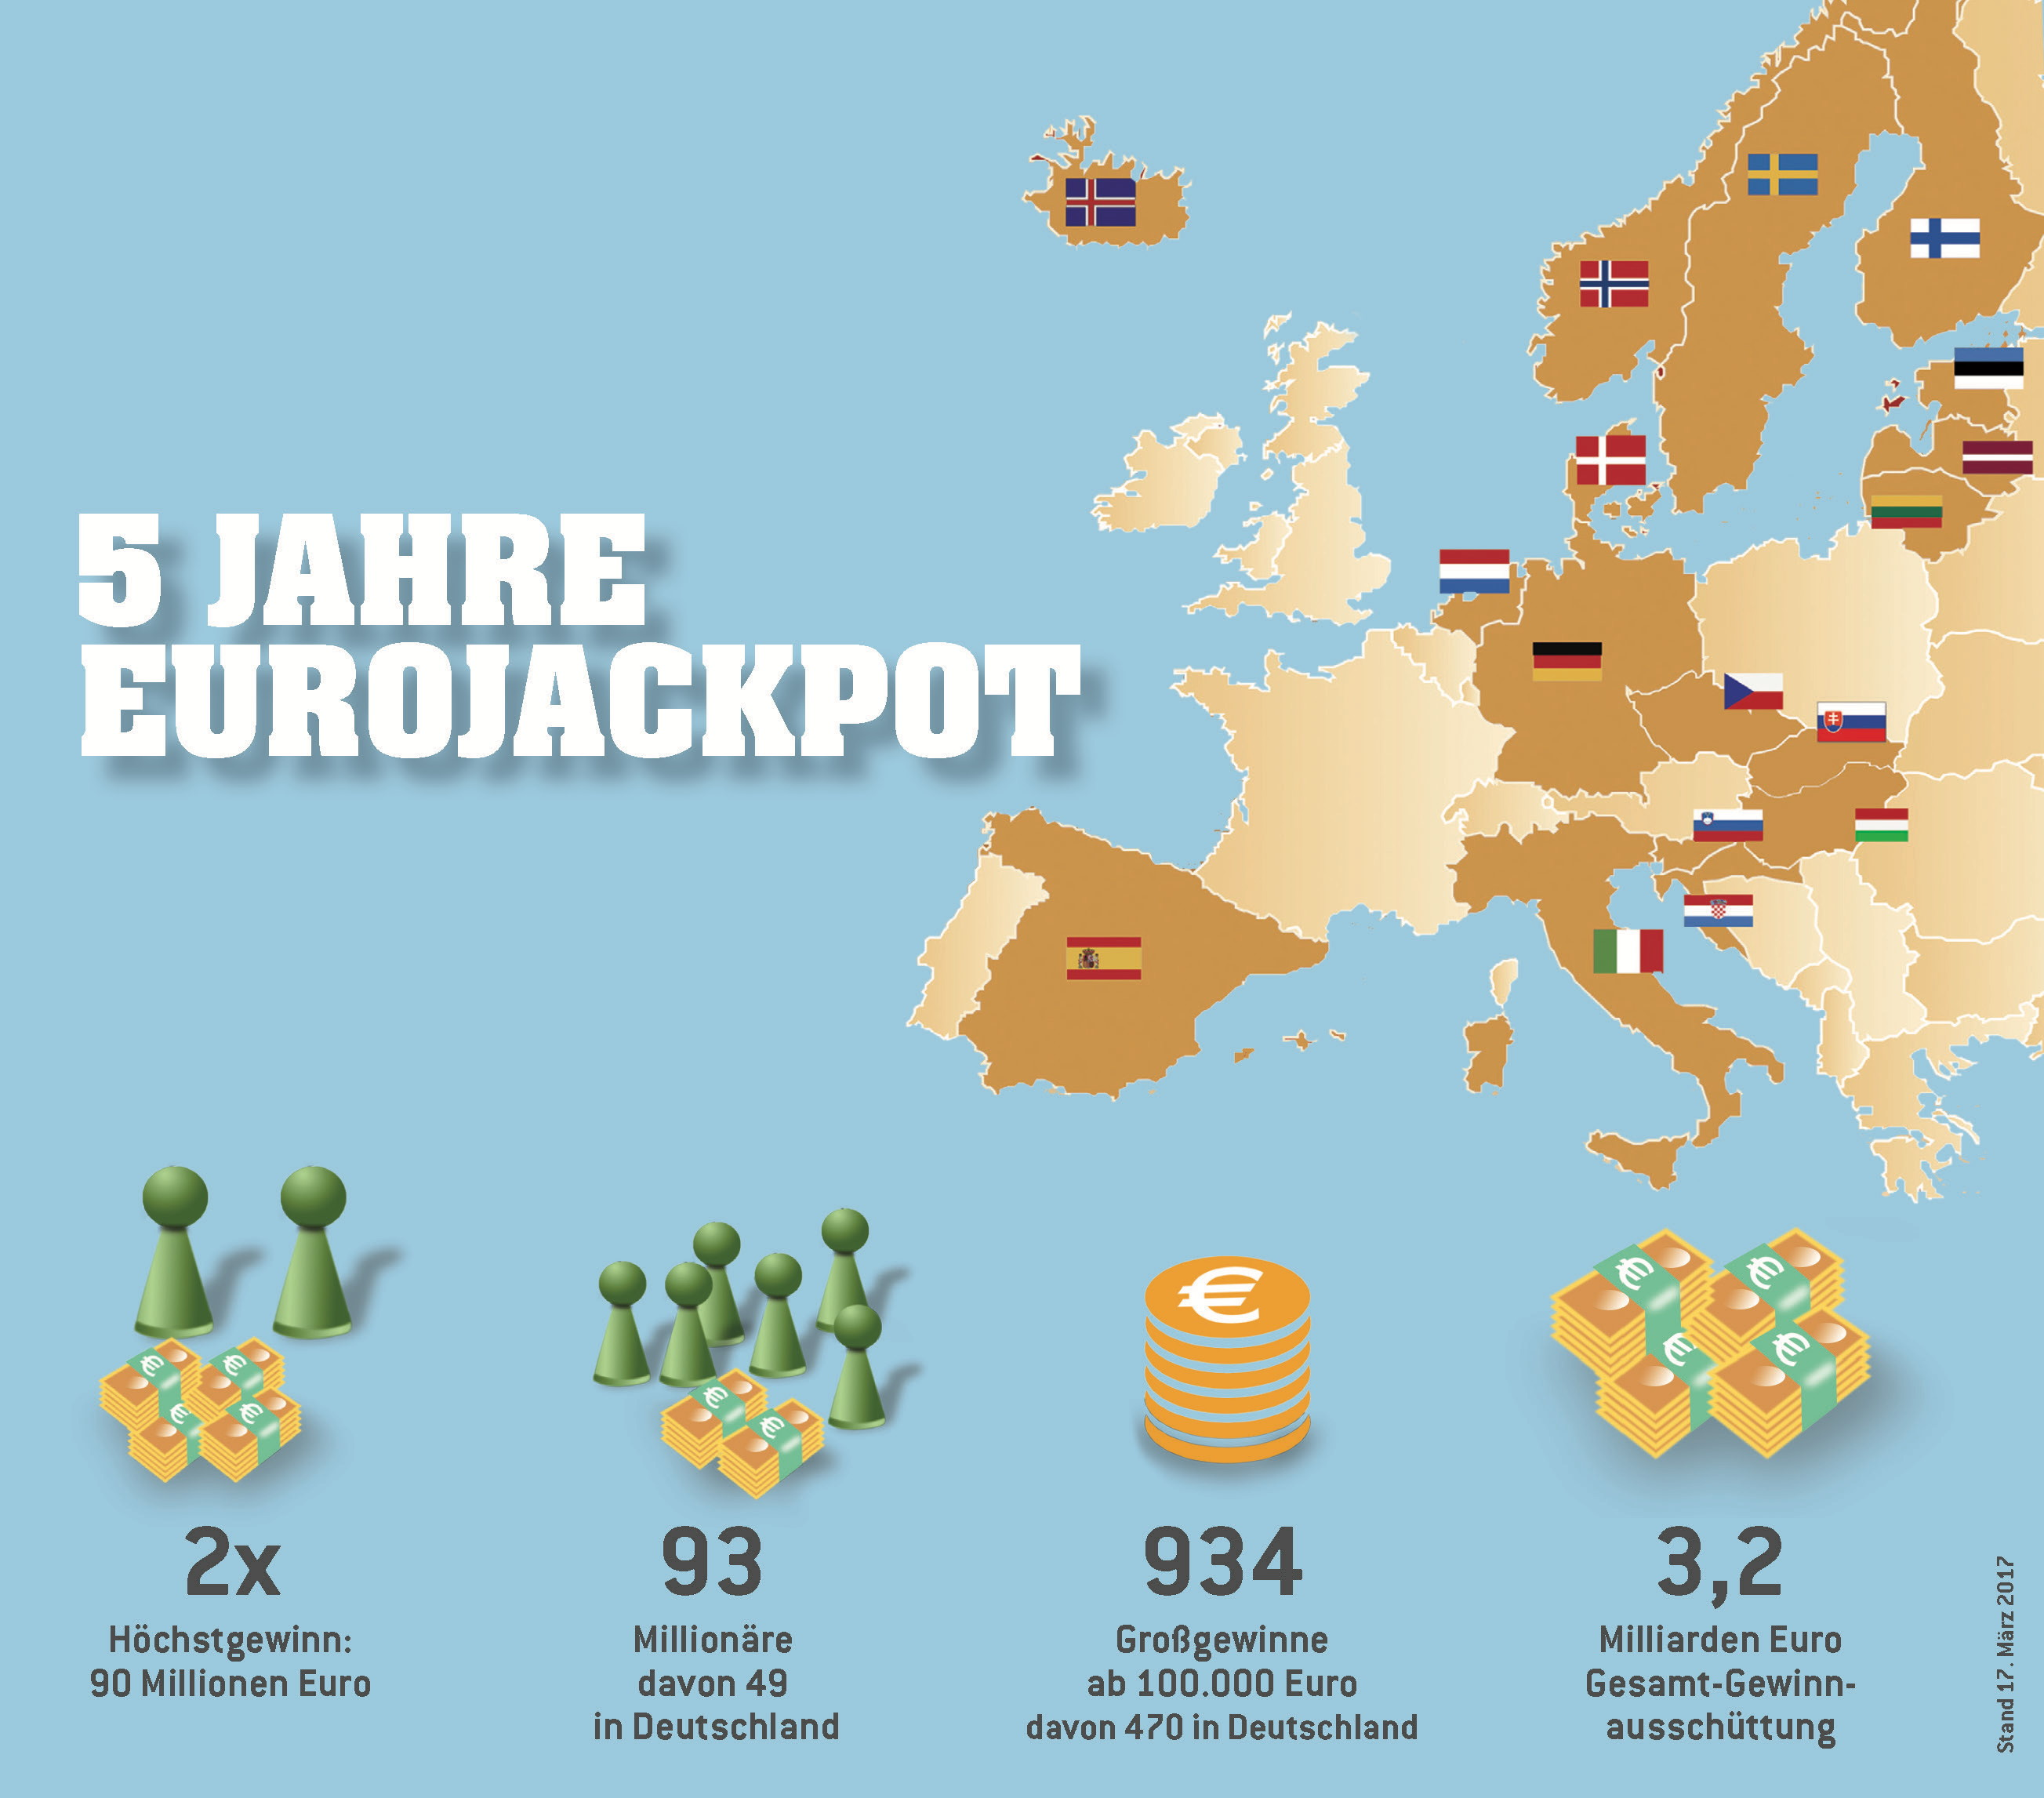 Häufigste Zahlen Beim Eurojackpot